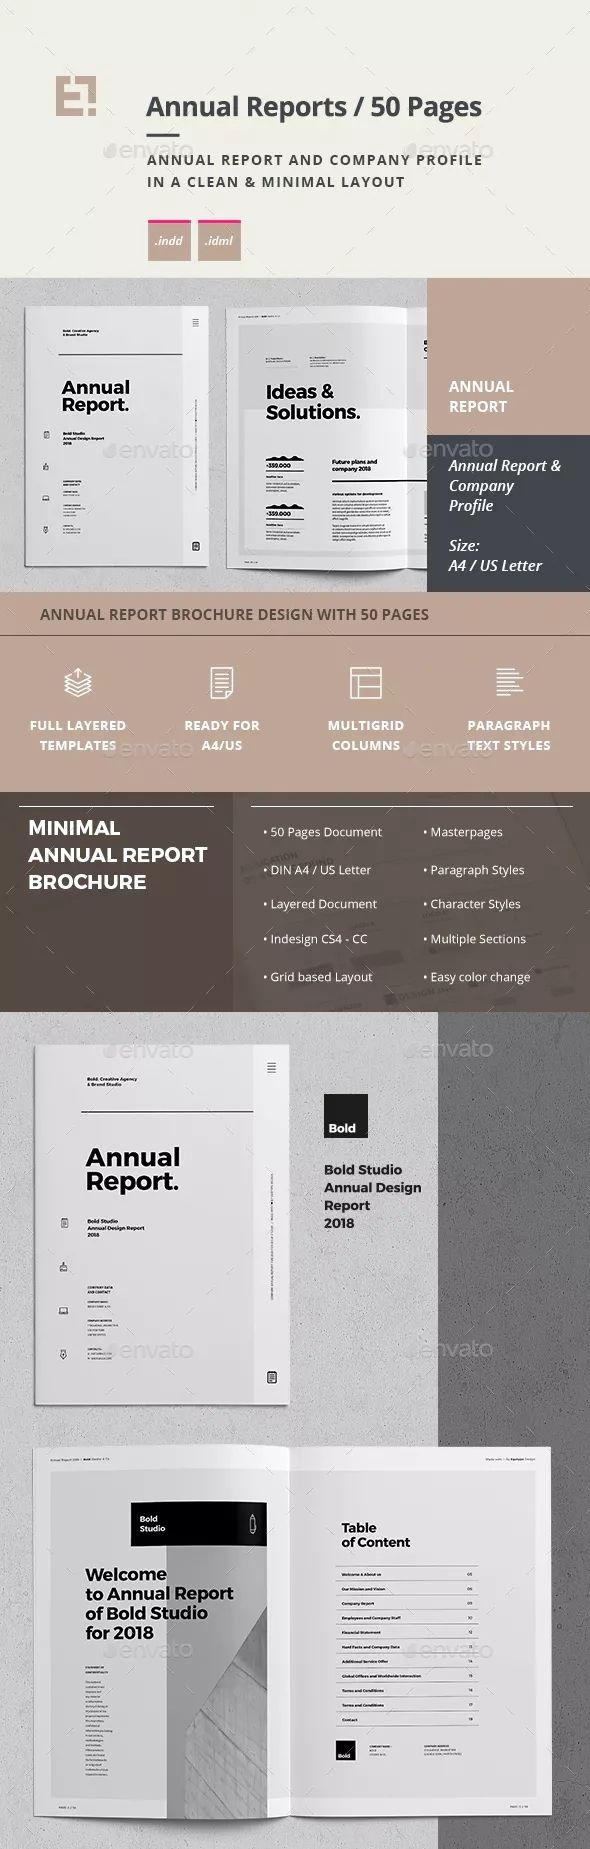 BOLD STUDIO Annual Report & Company Profile (50 pages) #annualreports